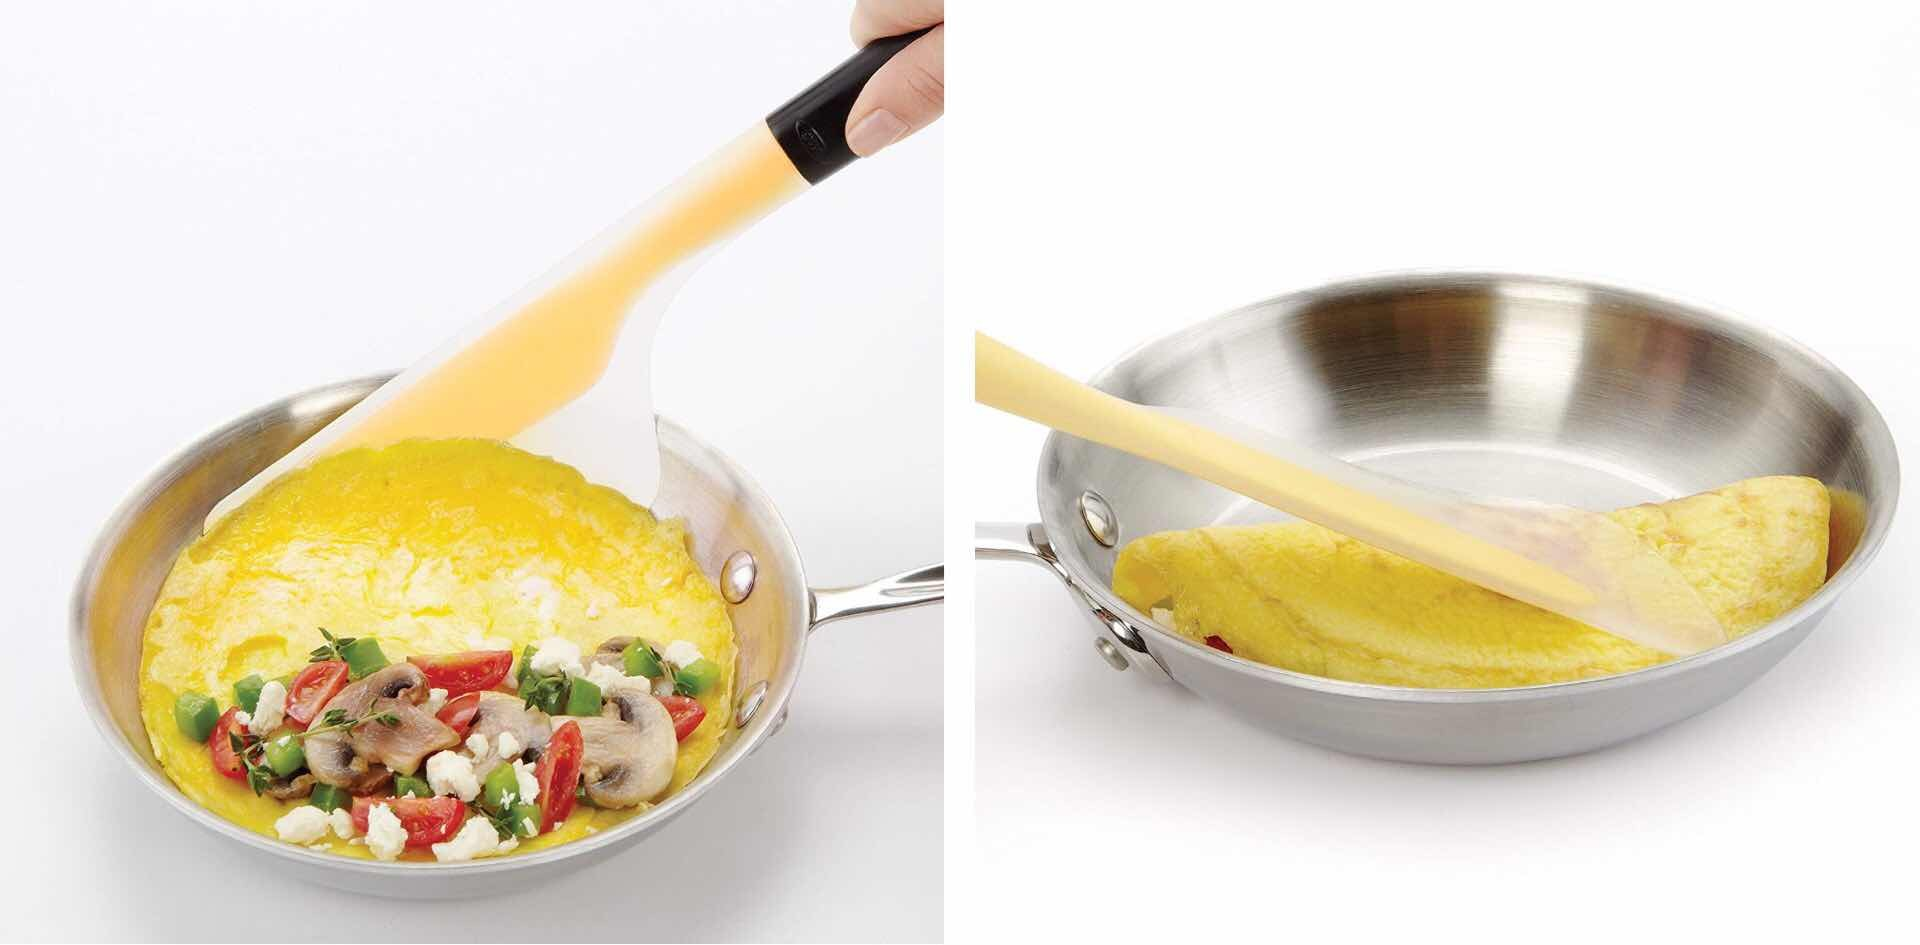 oxo-good-grips-flip-and-fold-omelette-turner-2